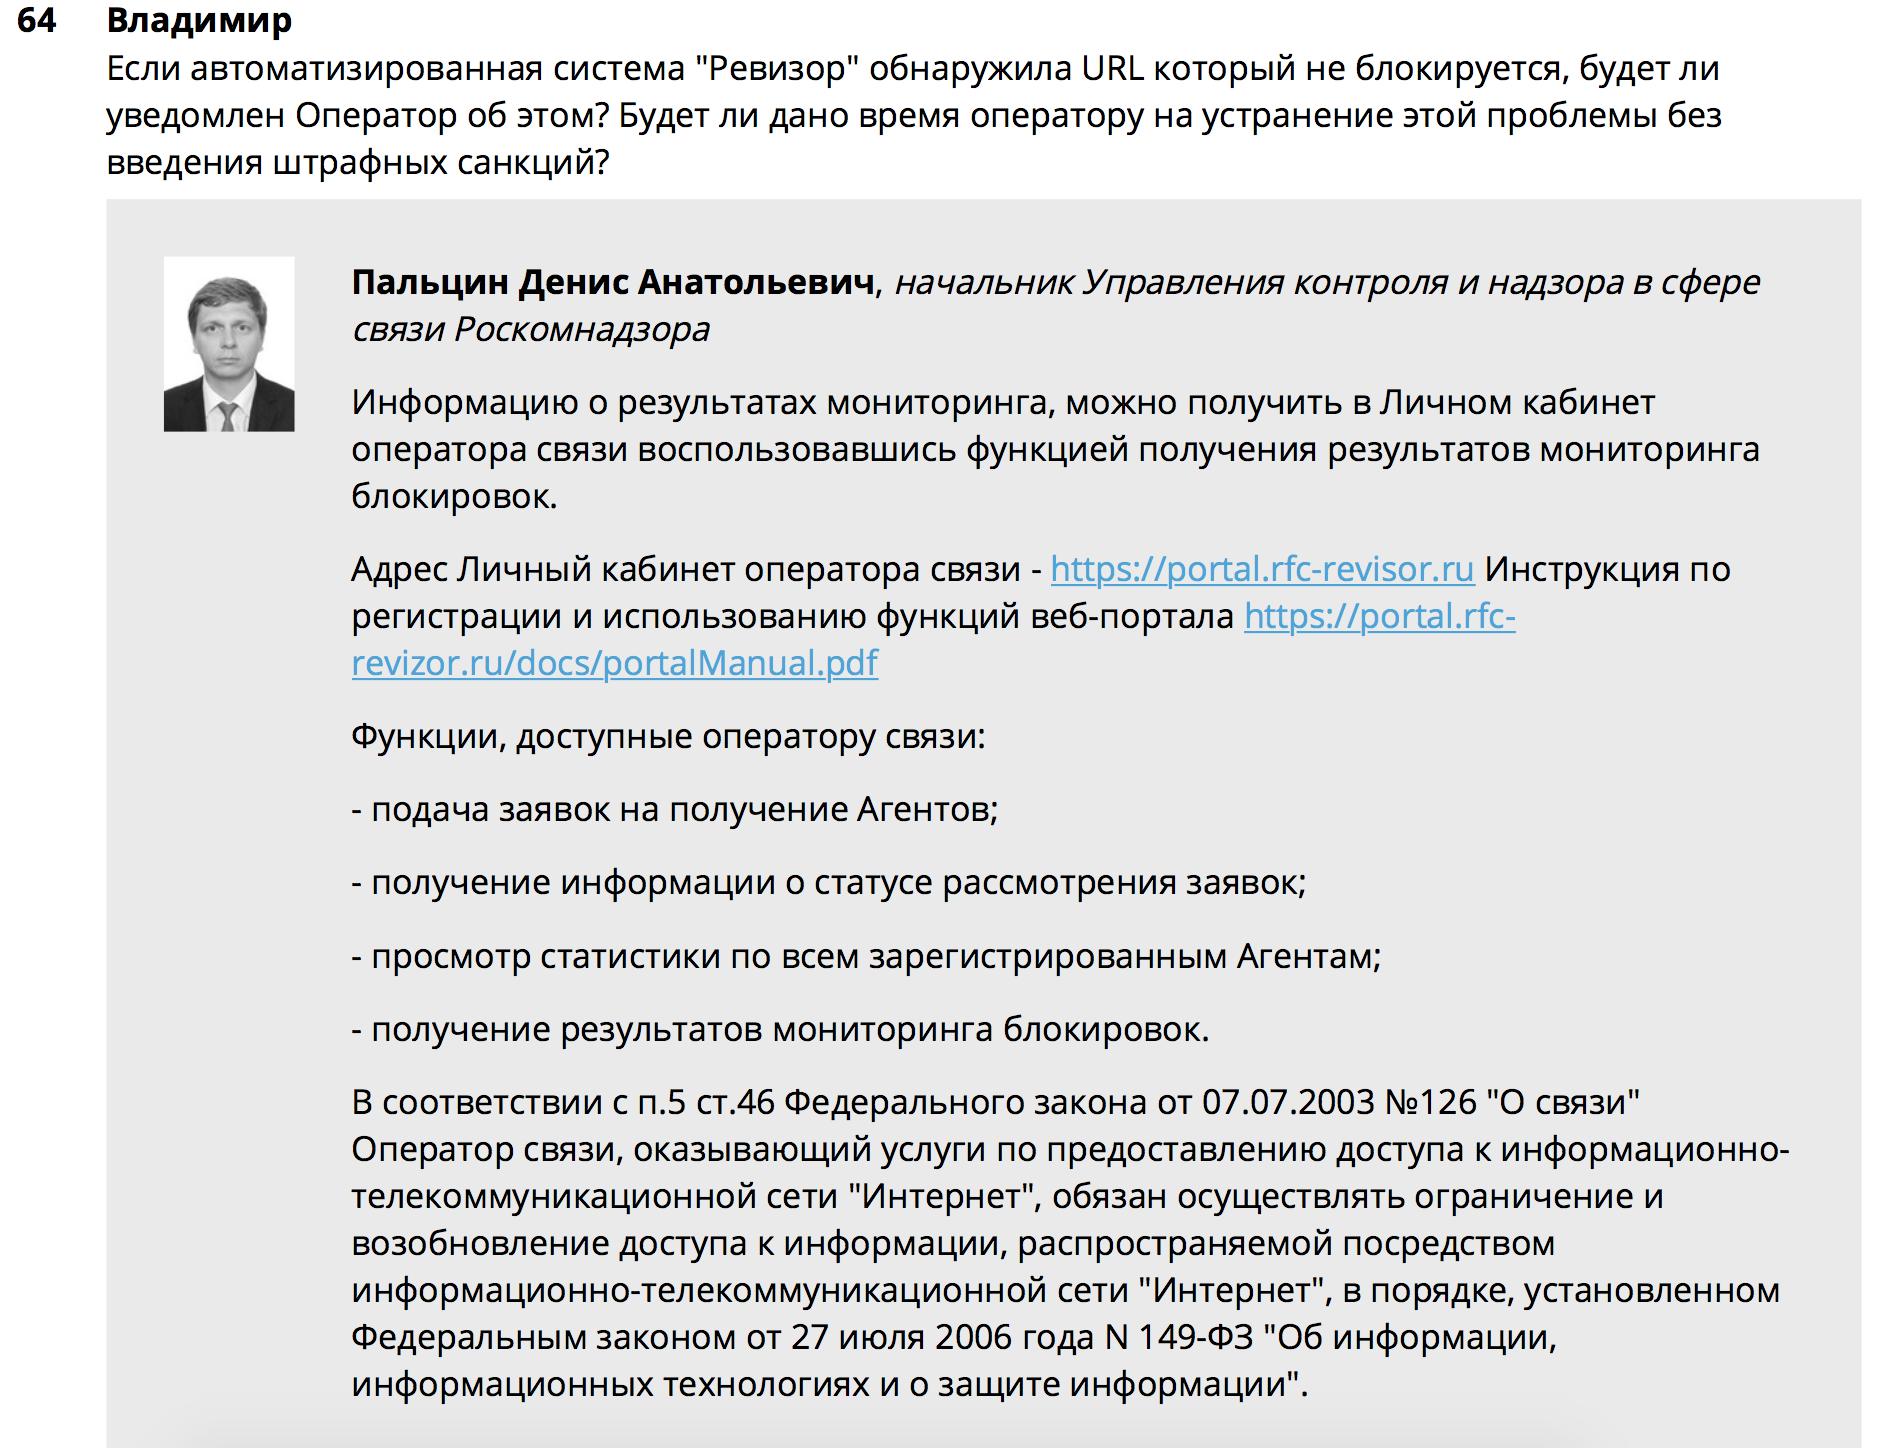 Анализ он-лайн конференций РКН на тему: «проблемные вопросы ограничения доступа к информации...» - 9